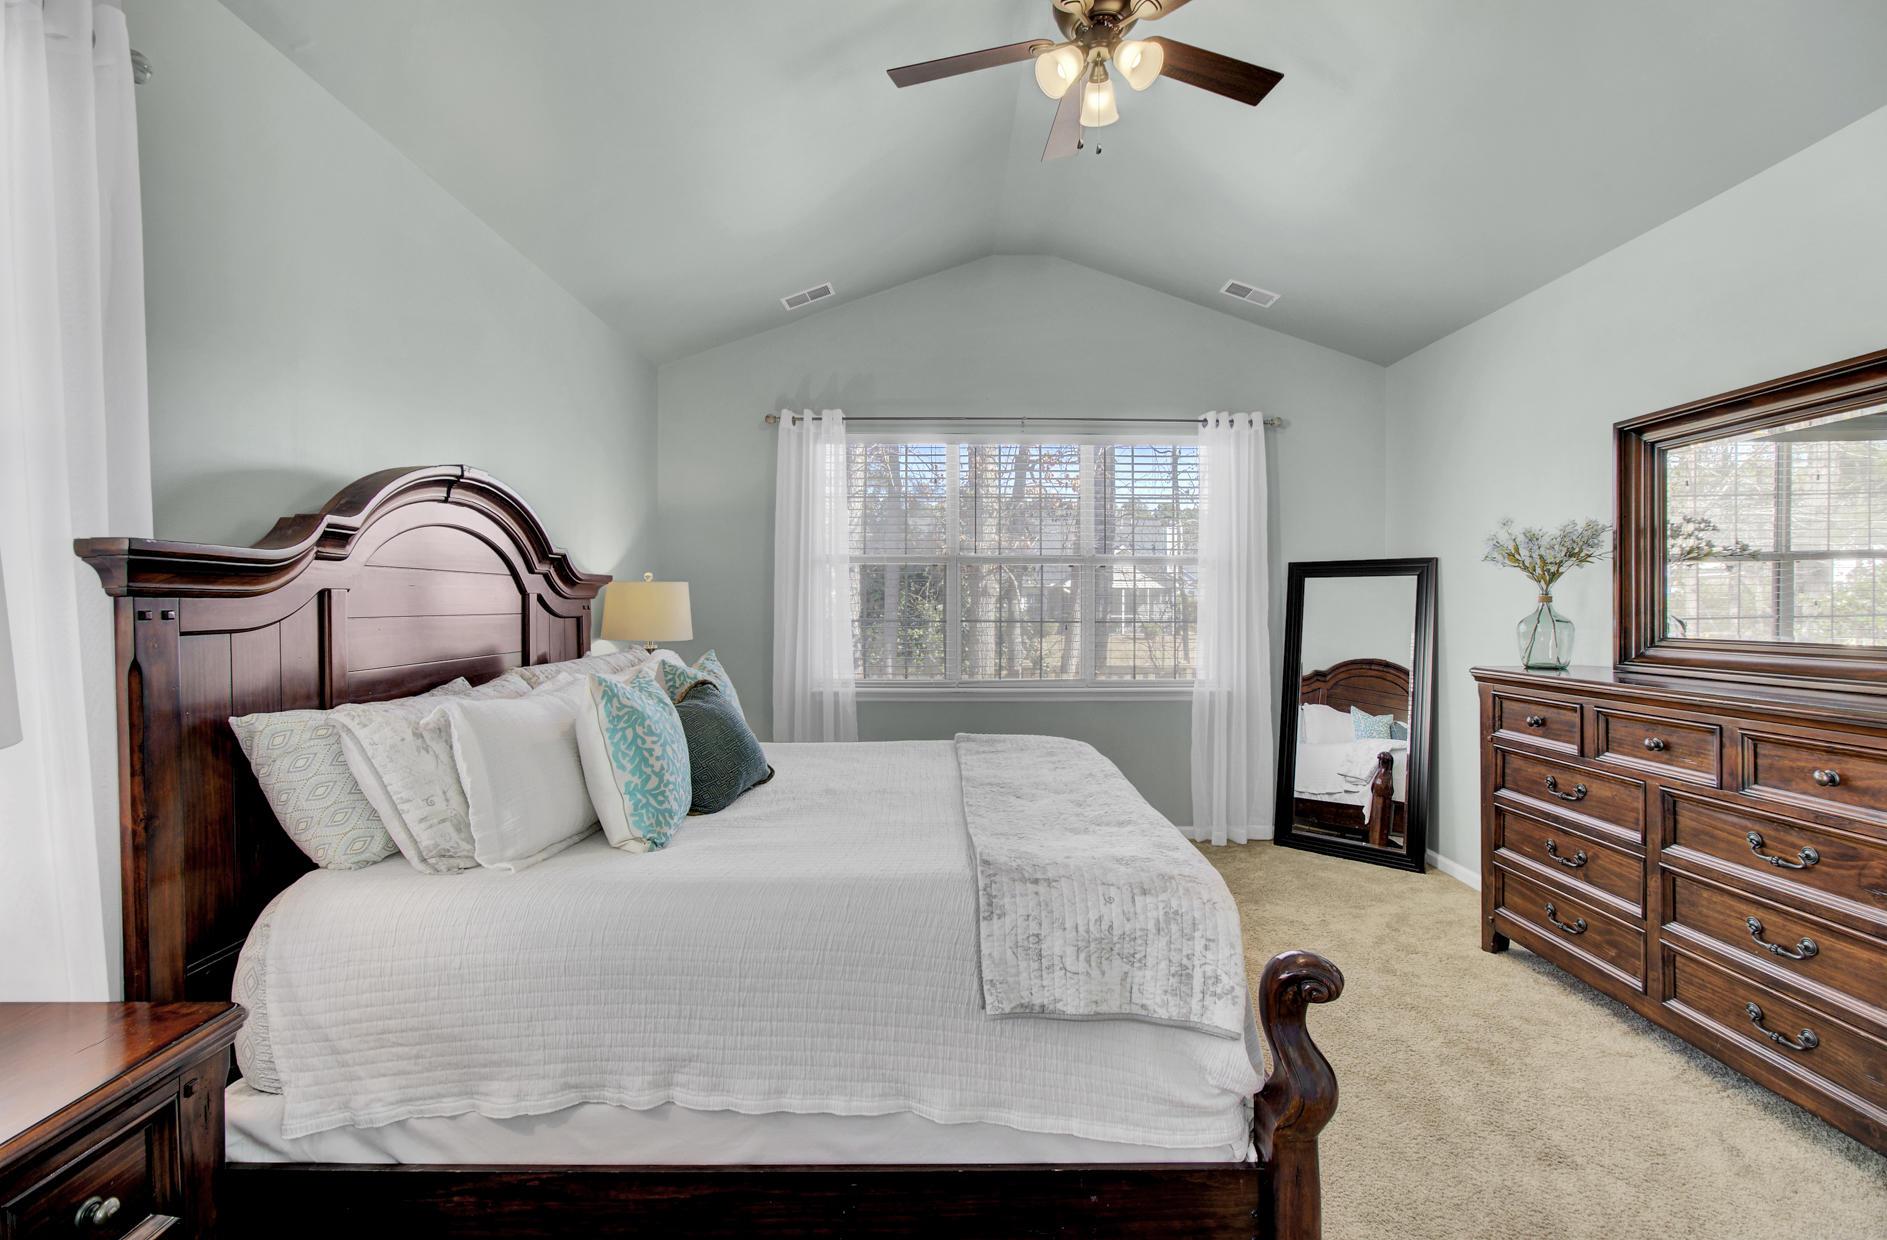 Park West Homes For Sale - 1497 Endicot, Mount Pleasant, SC - 15